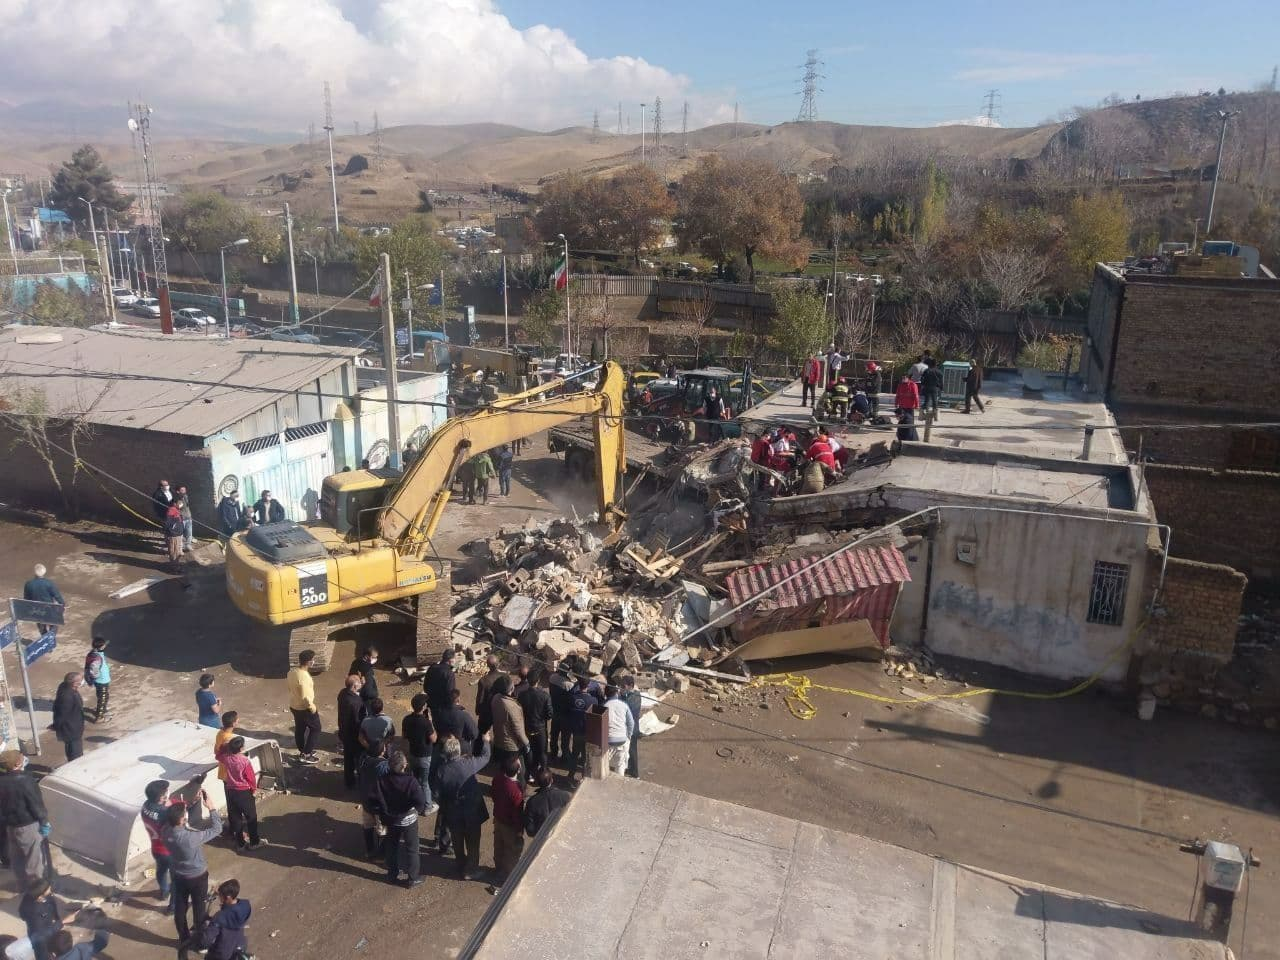 سه کشته در حادثه ورود تریلی به خانه مسکونی در پردیس